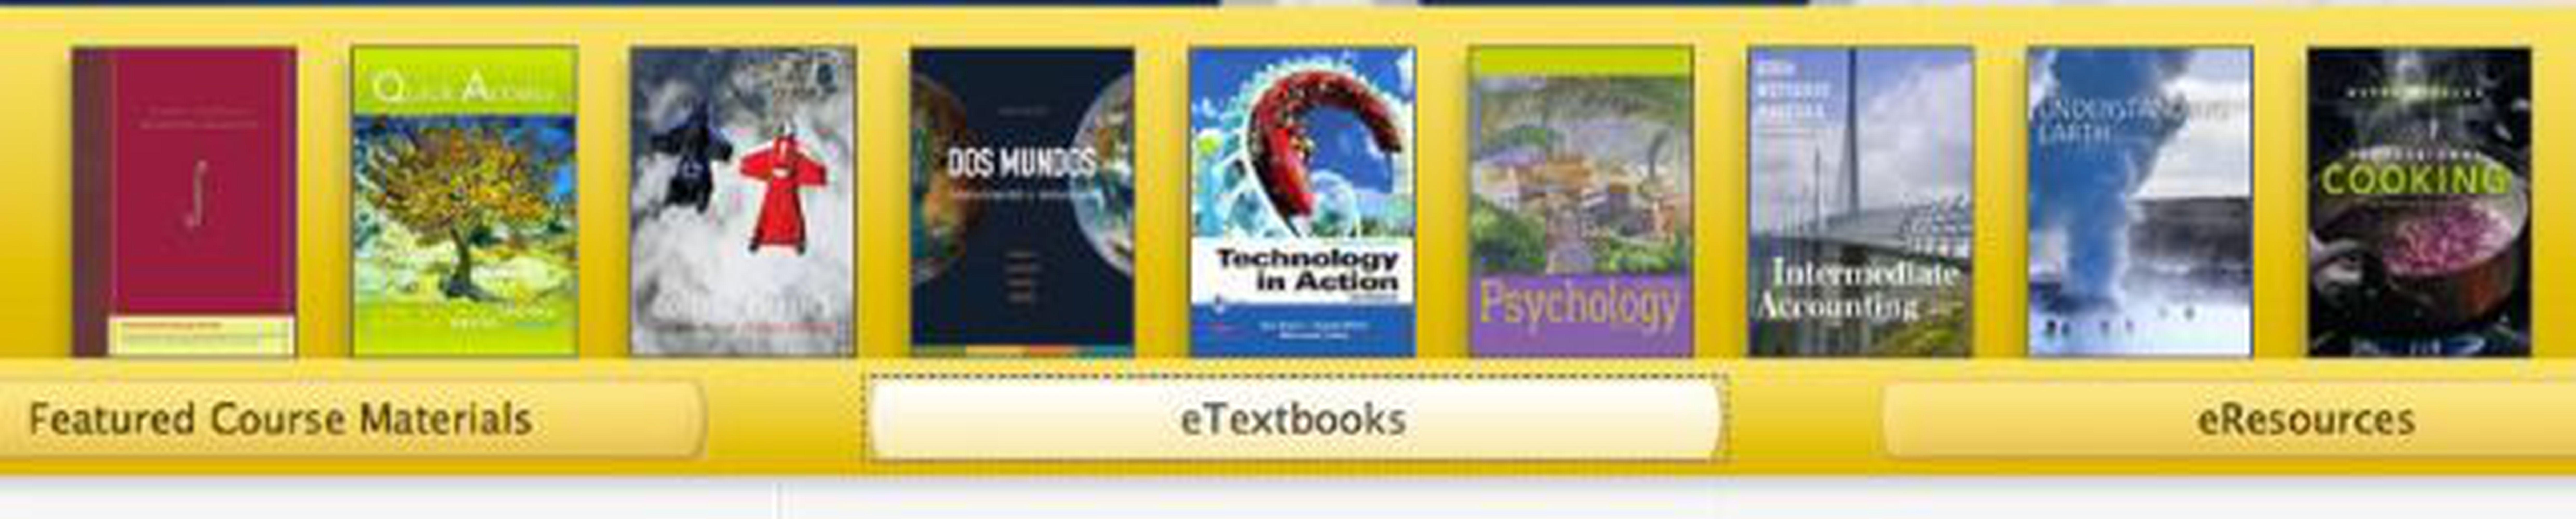 8 Ways Technology Improving Education